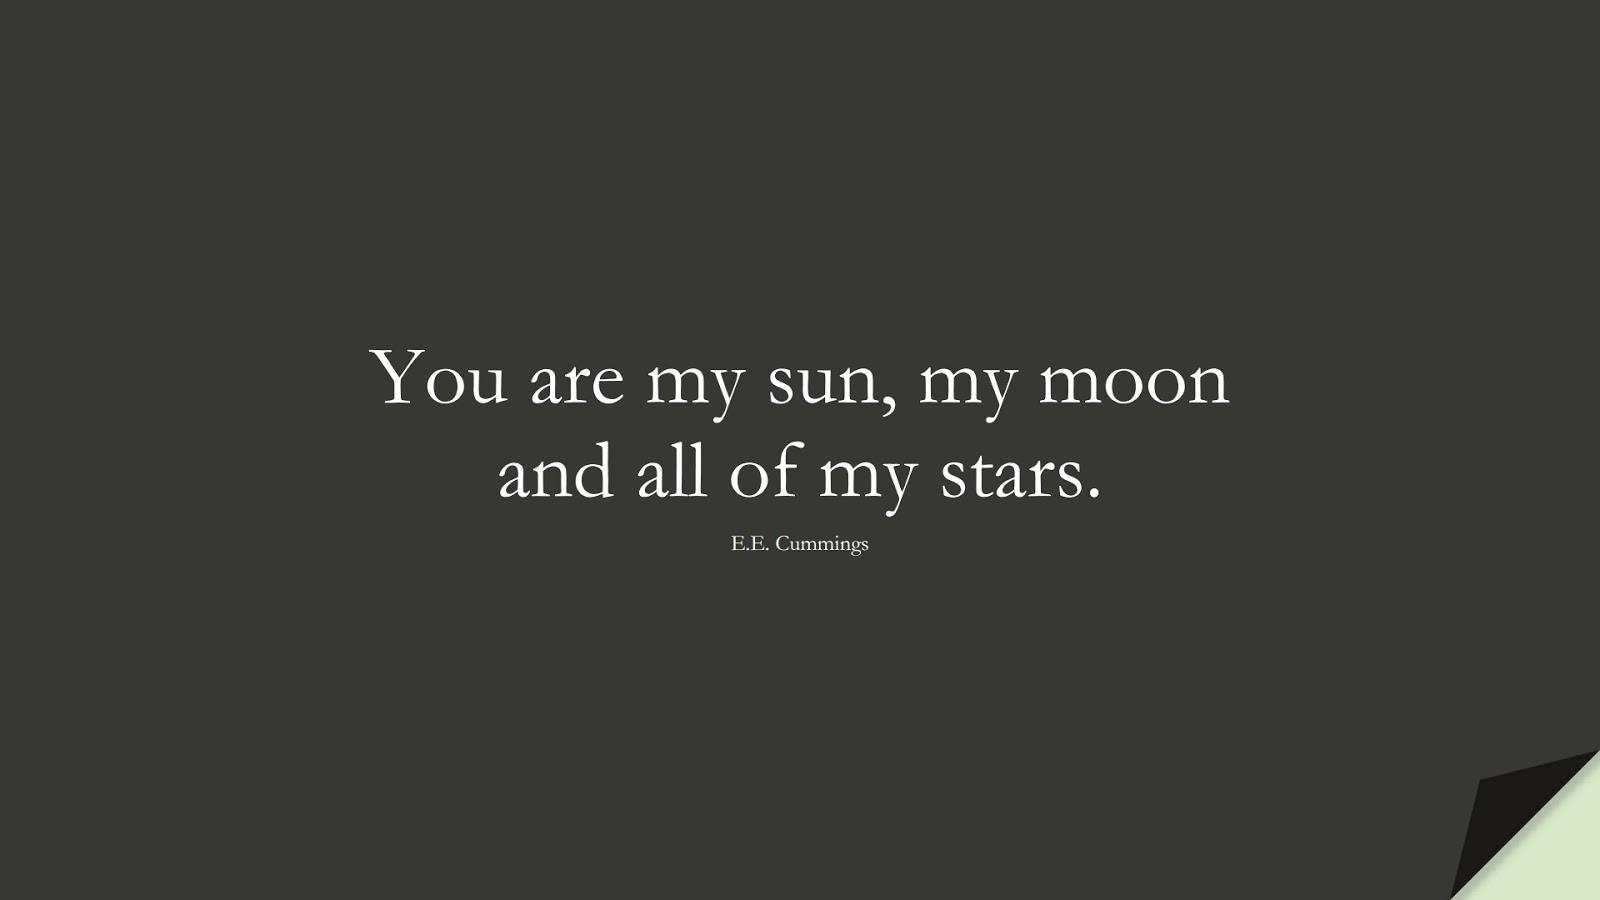 You are my sun, my moon and all of my stars. (E.E. Cummings);  #FamilyQuotes